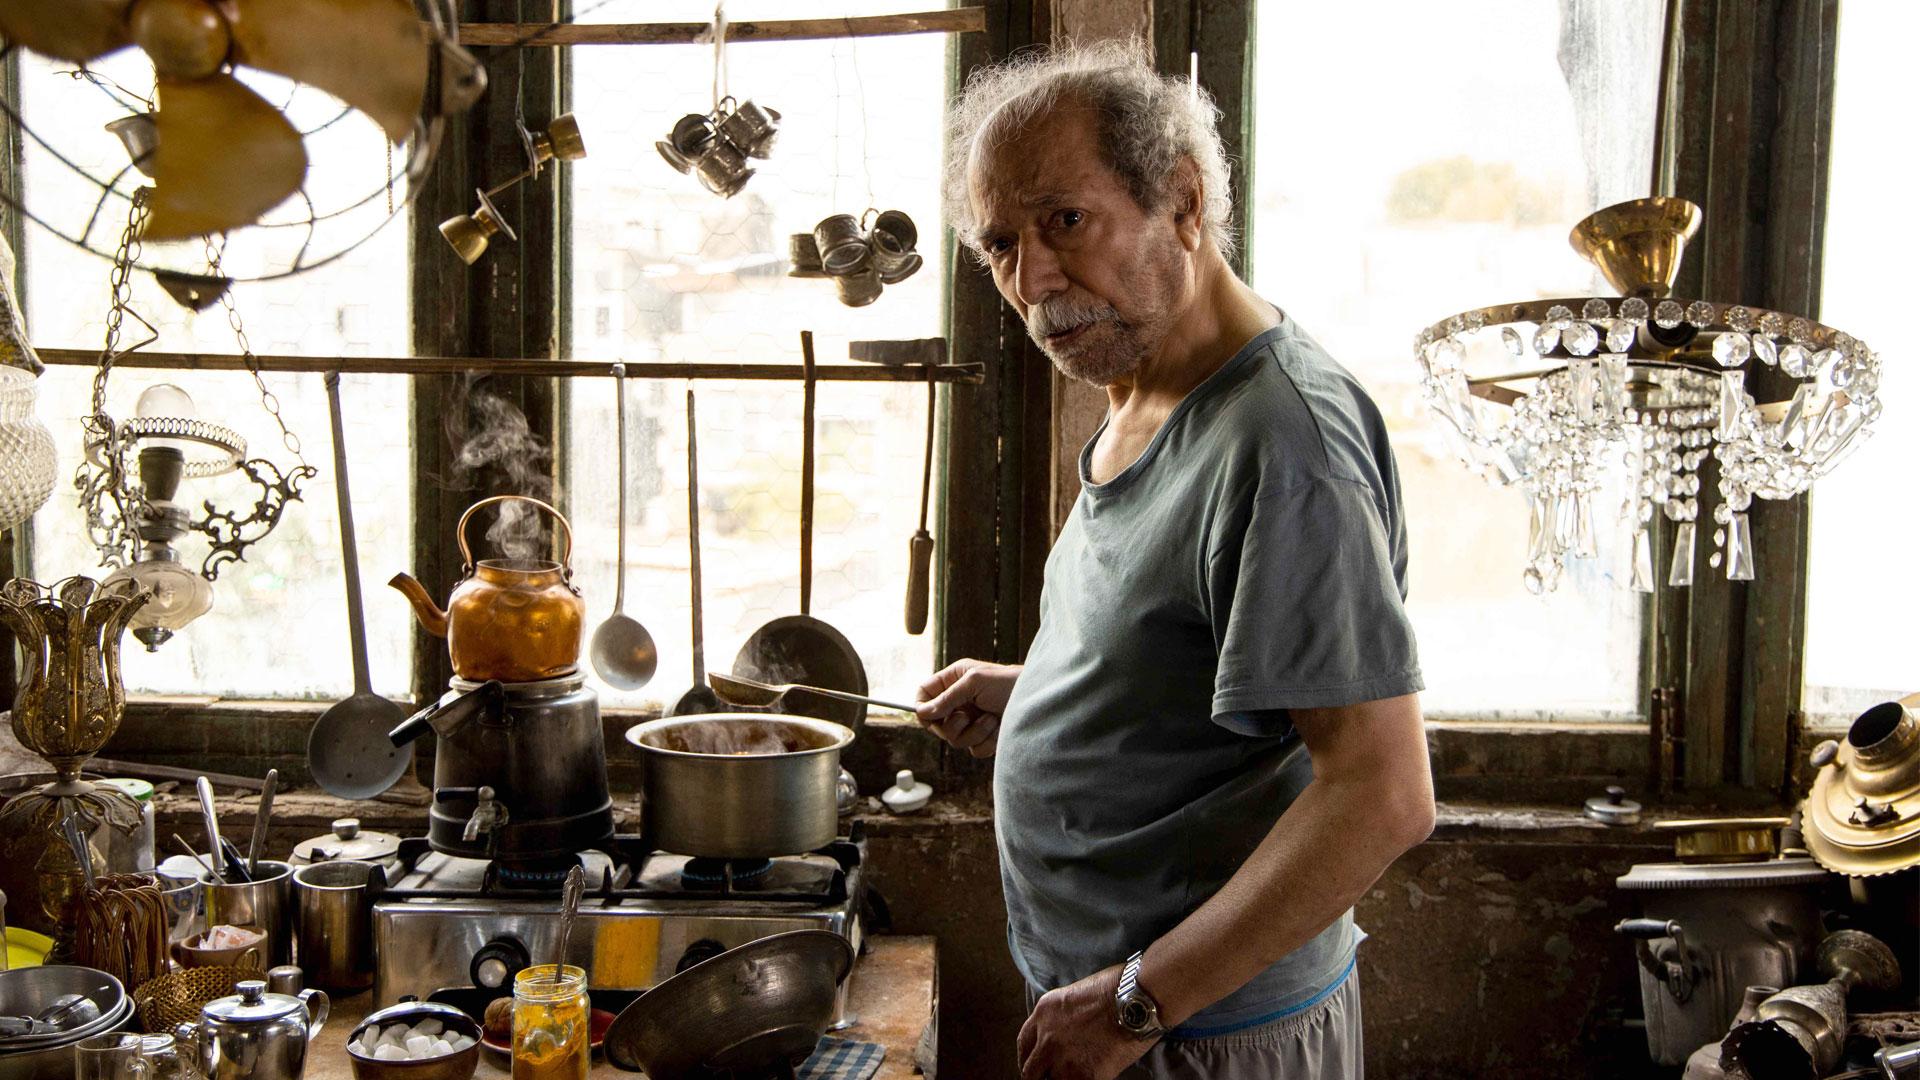 ردپای بازیگری بزرگ در نقشی کوتاه / درباره بازی علی نصیریان در «خورشید»